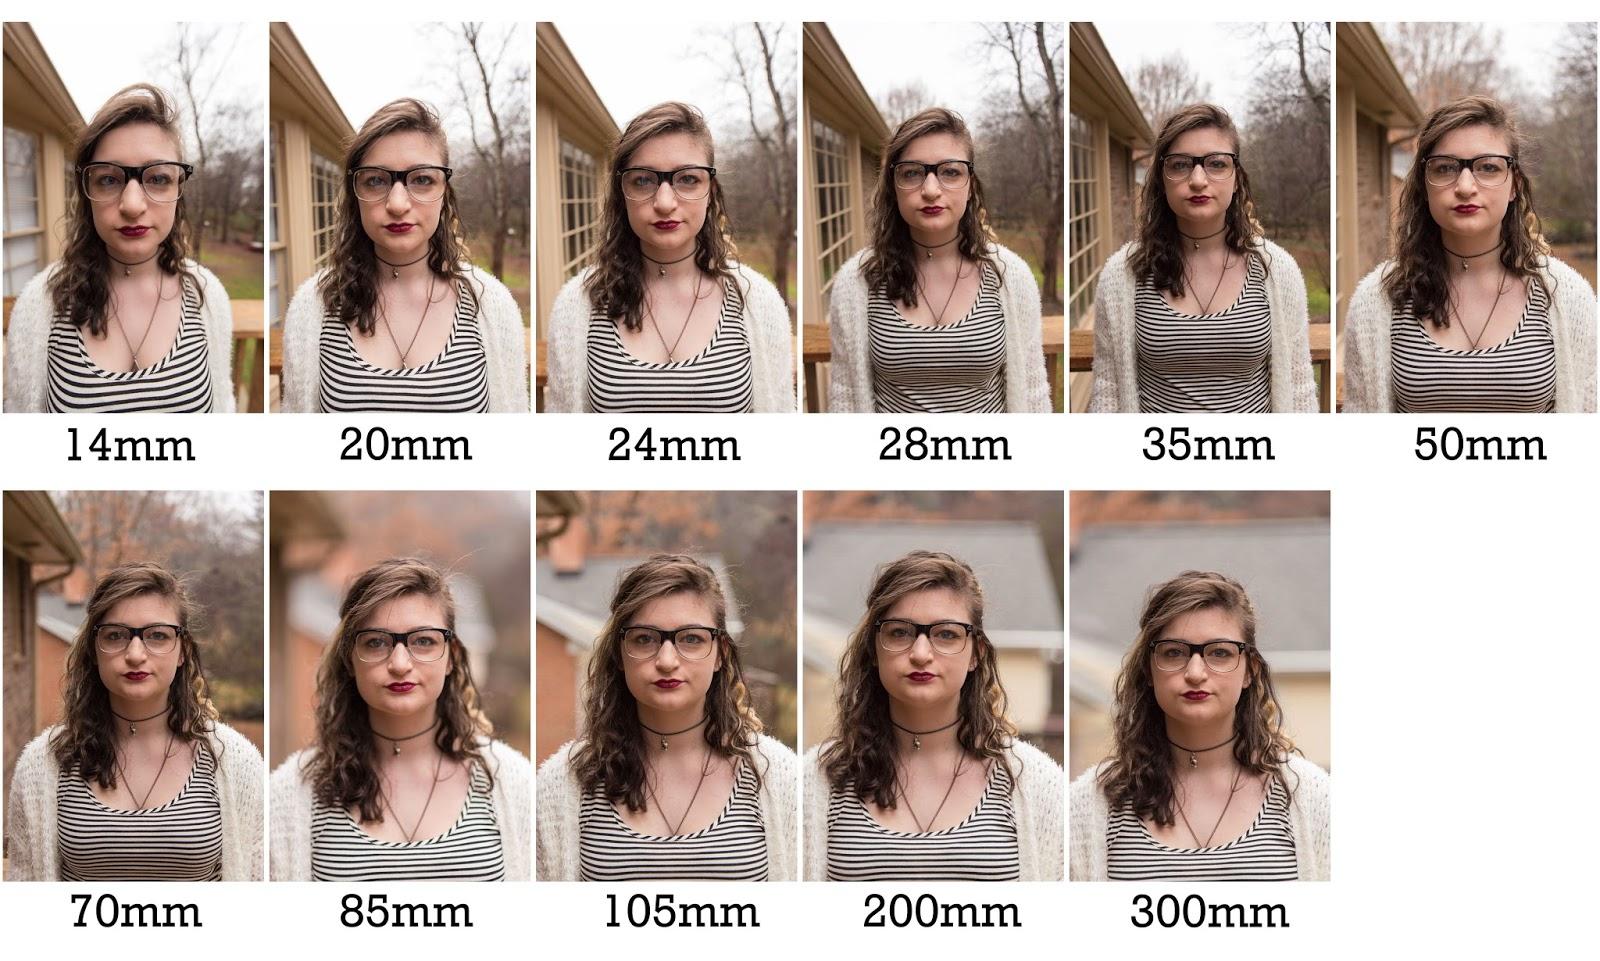 хотите зависит ли качество фото от объектива могут быть